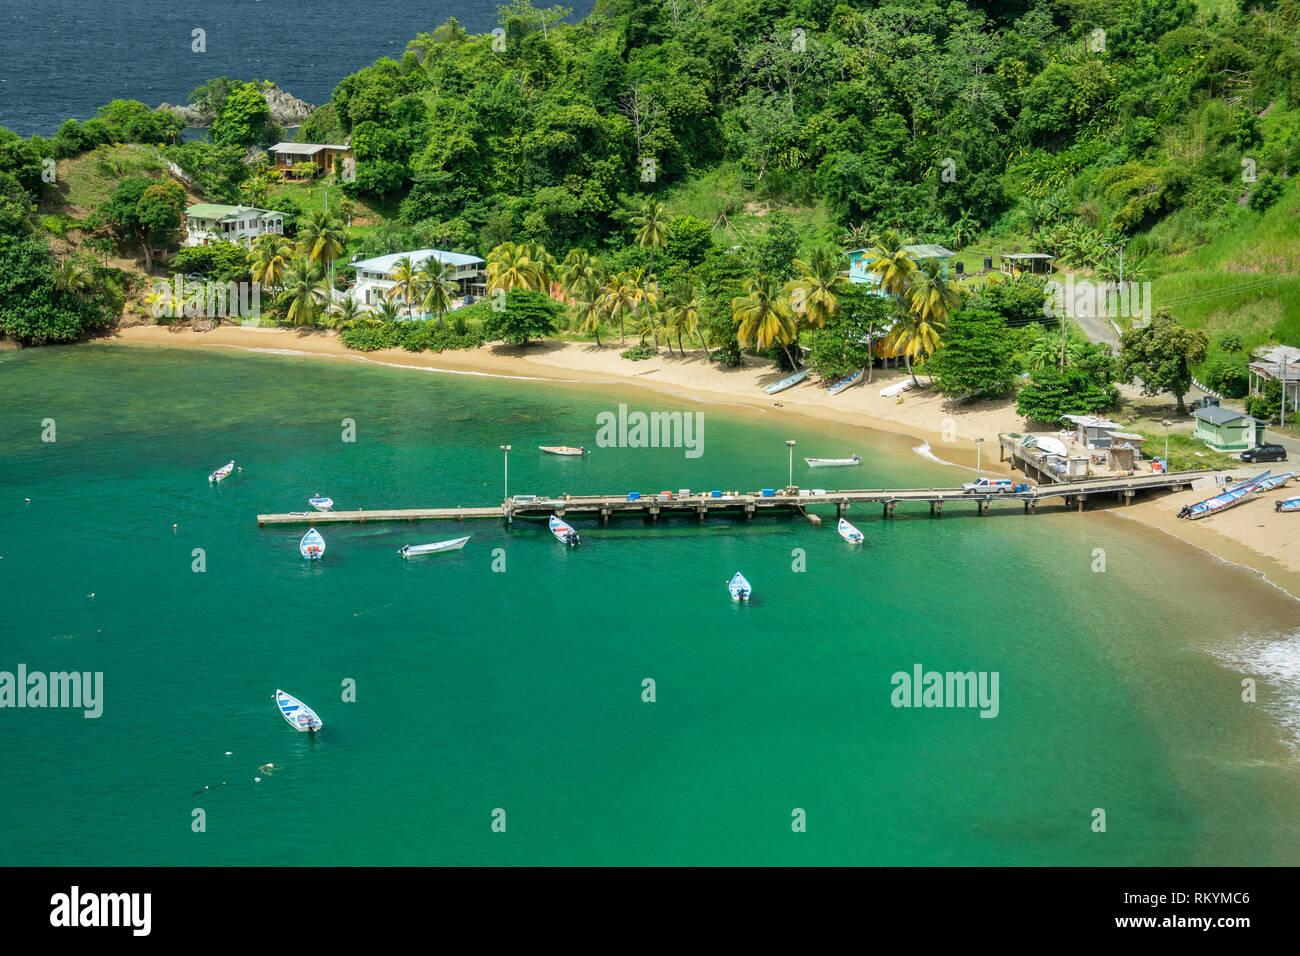 Parlatuvier Bay on north coast of Tobago island, Trinidad & Tobago. Stock Photo